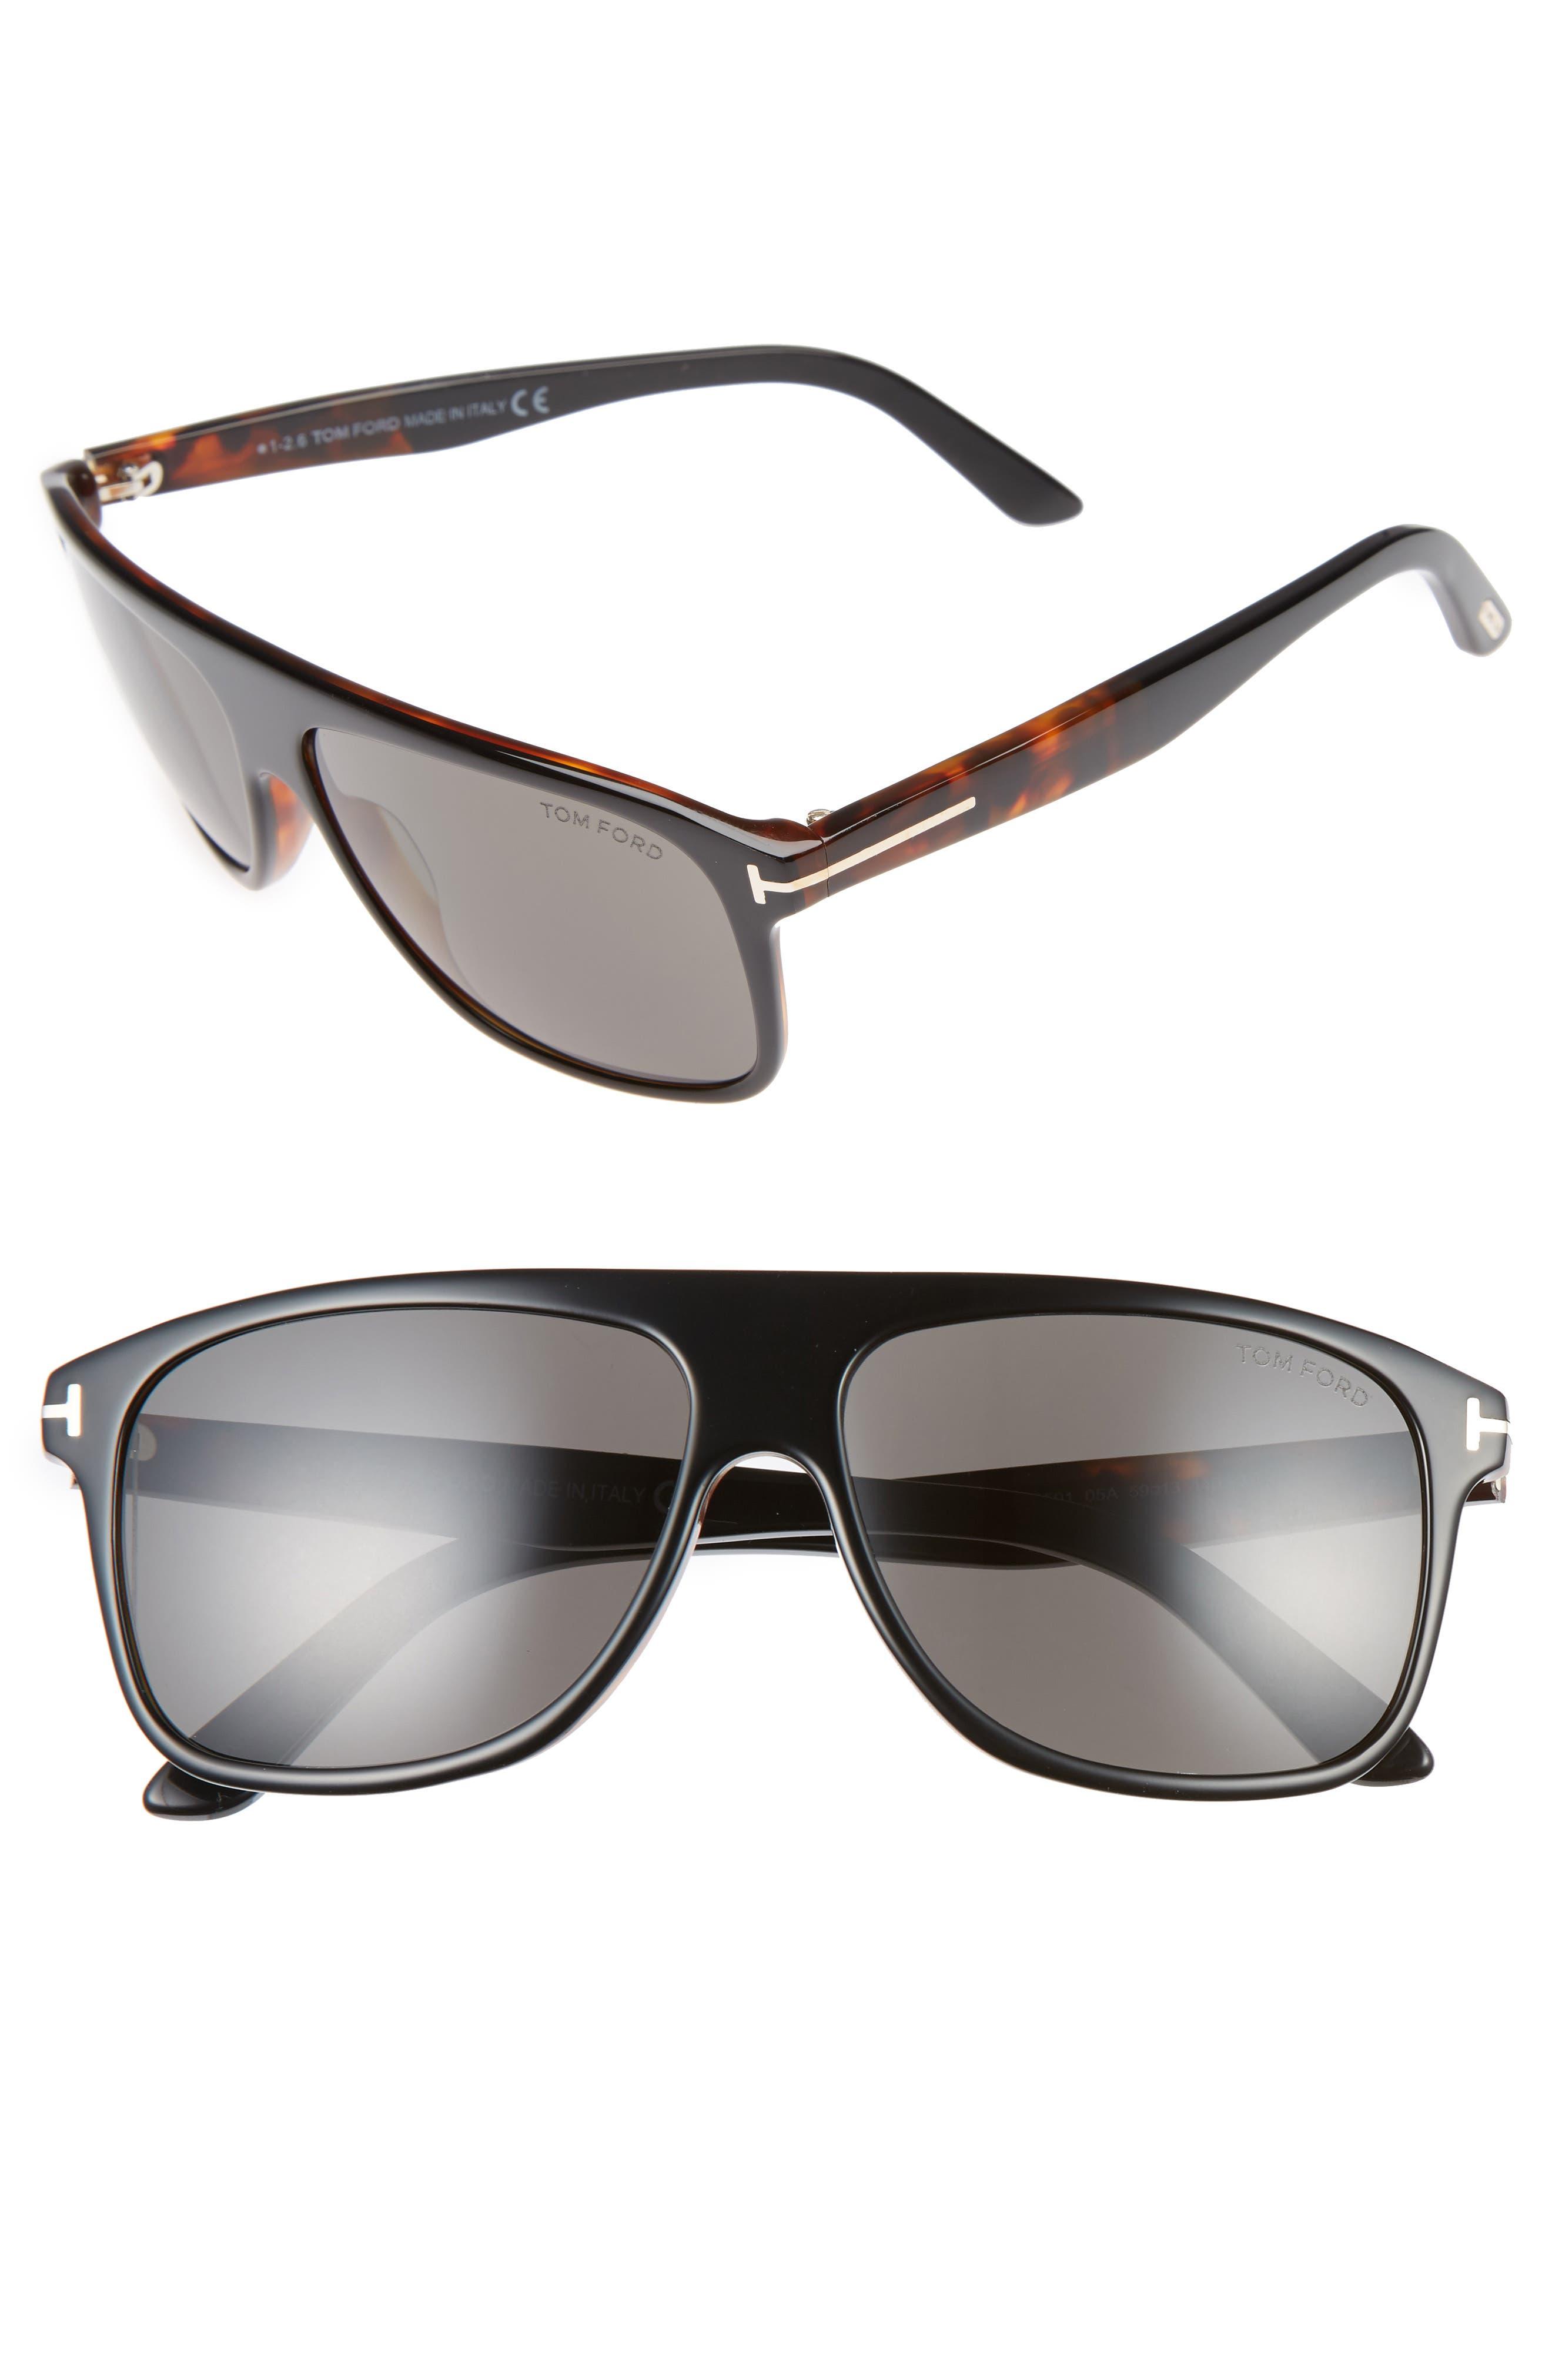 Inigo 59mm Flat Top Sunglasses,                             Main thumbnail 1, color,                             001